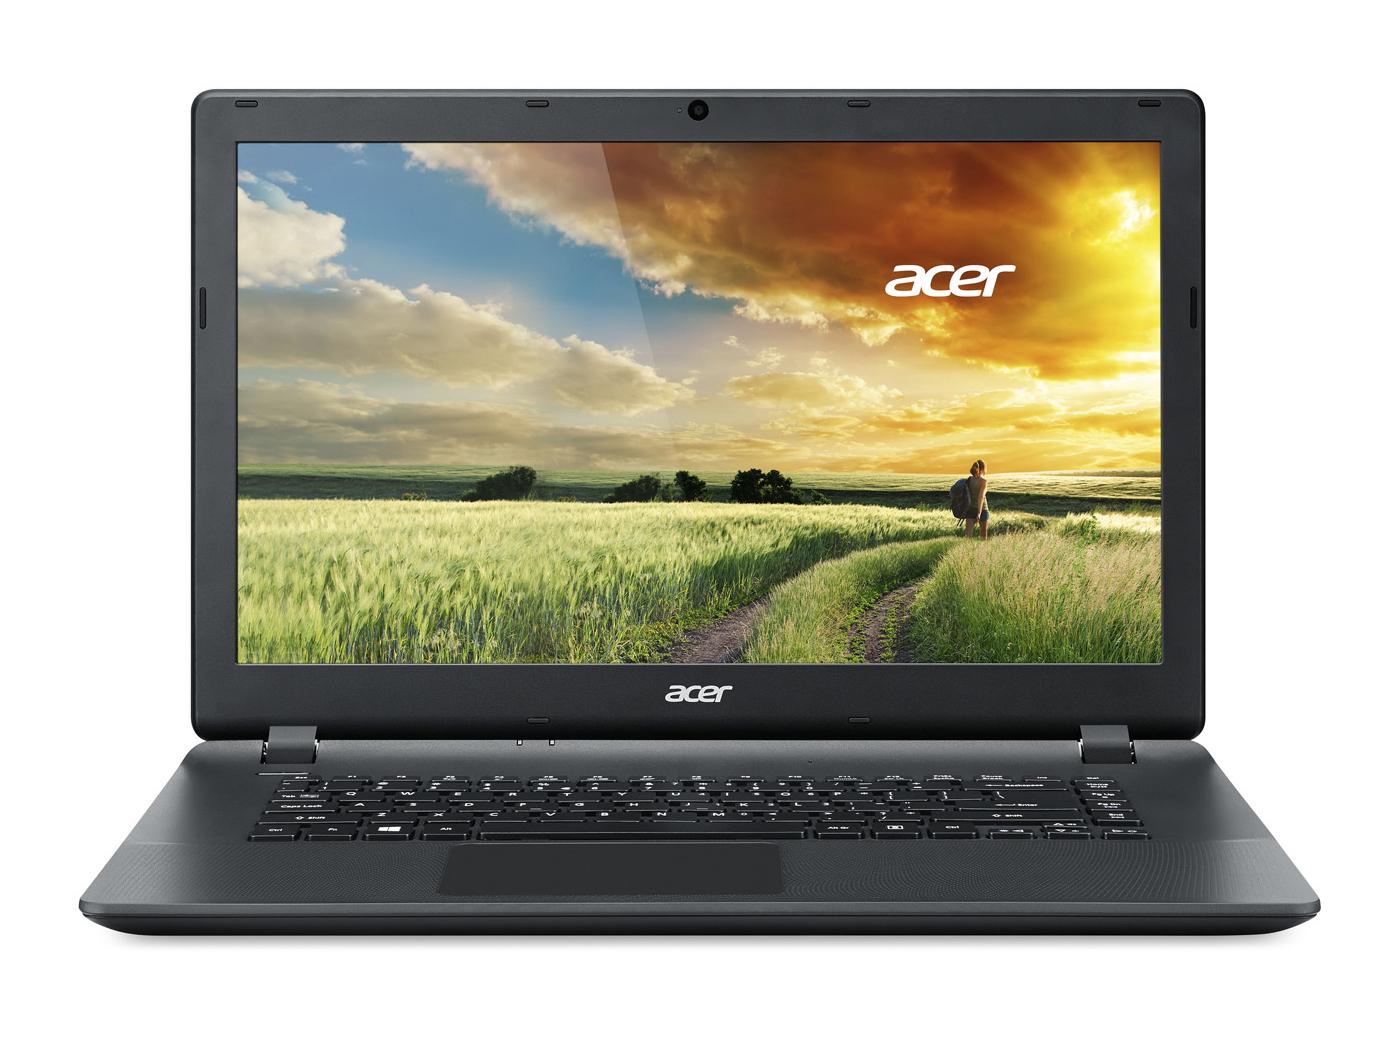 Драйвер Для Веб Камеры Acer Aspire One D270